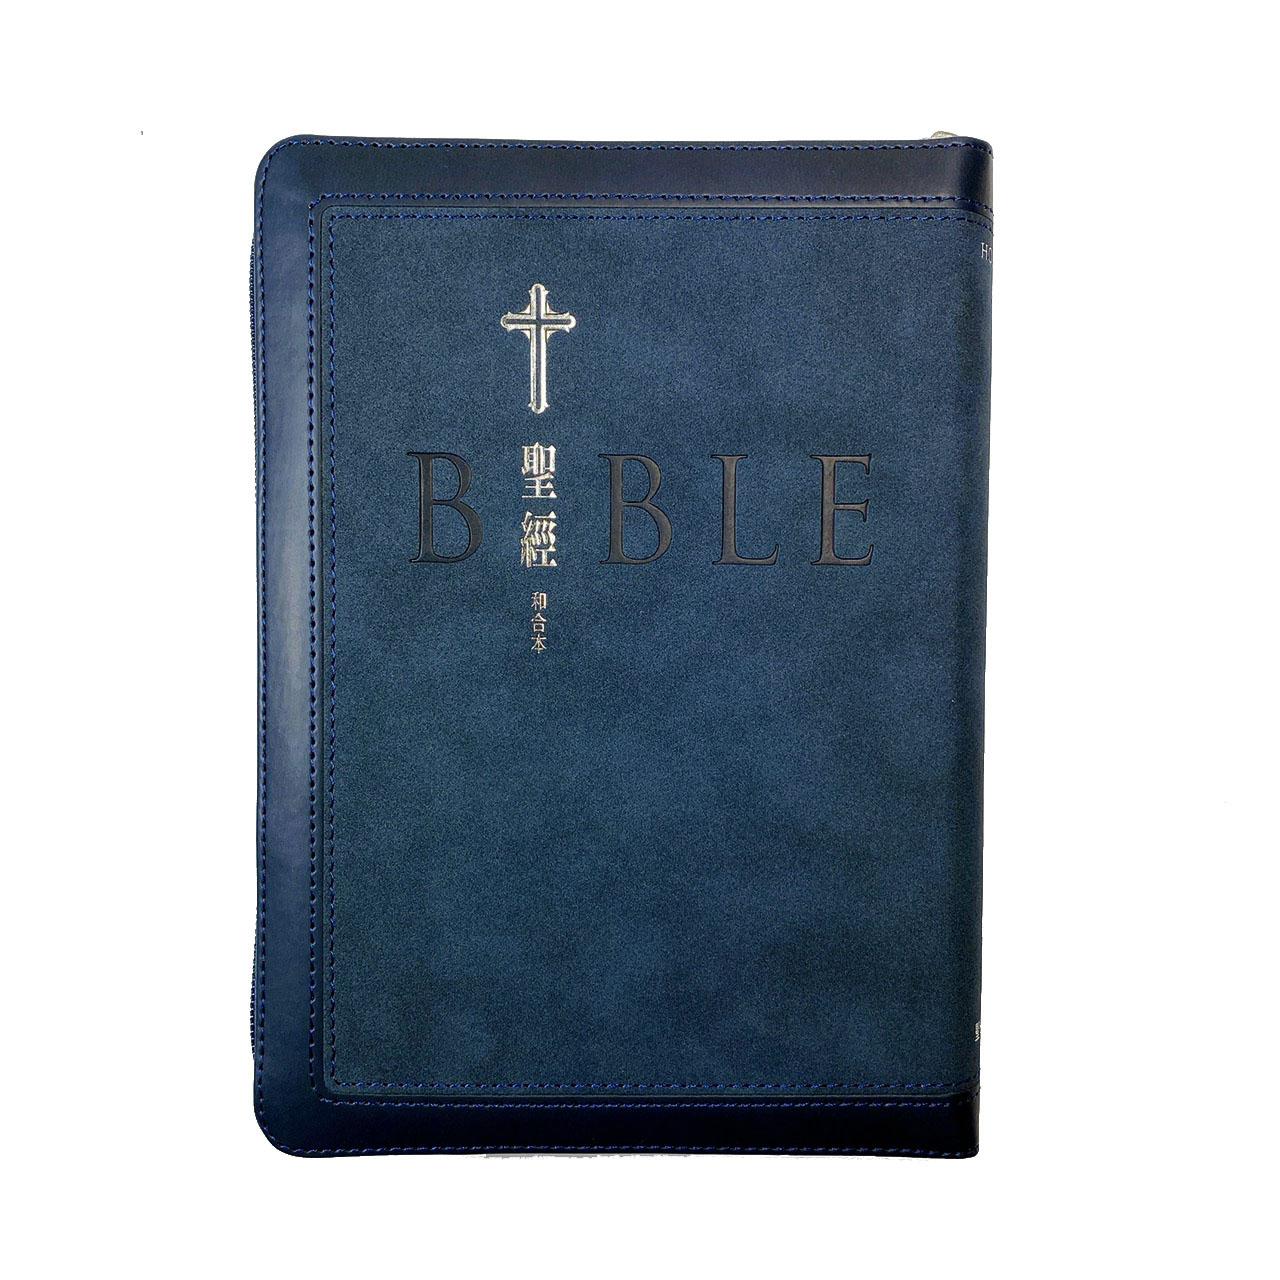 皮面拉鏈索引(藍/銀)-7系列聖經和合本